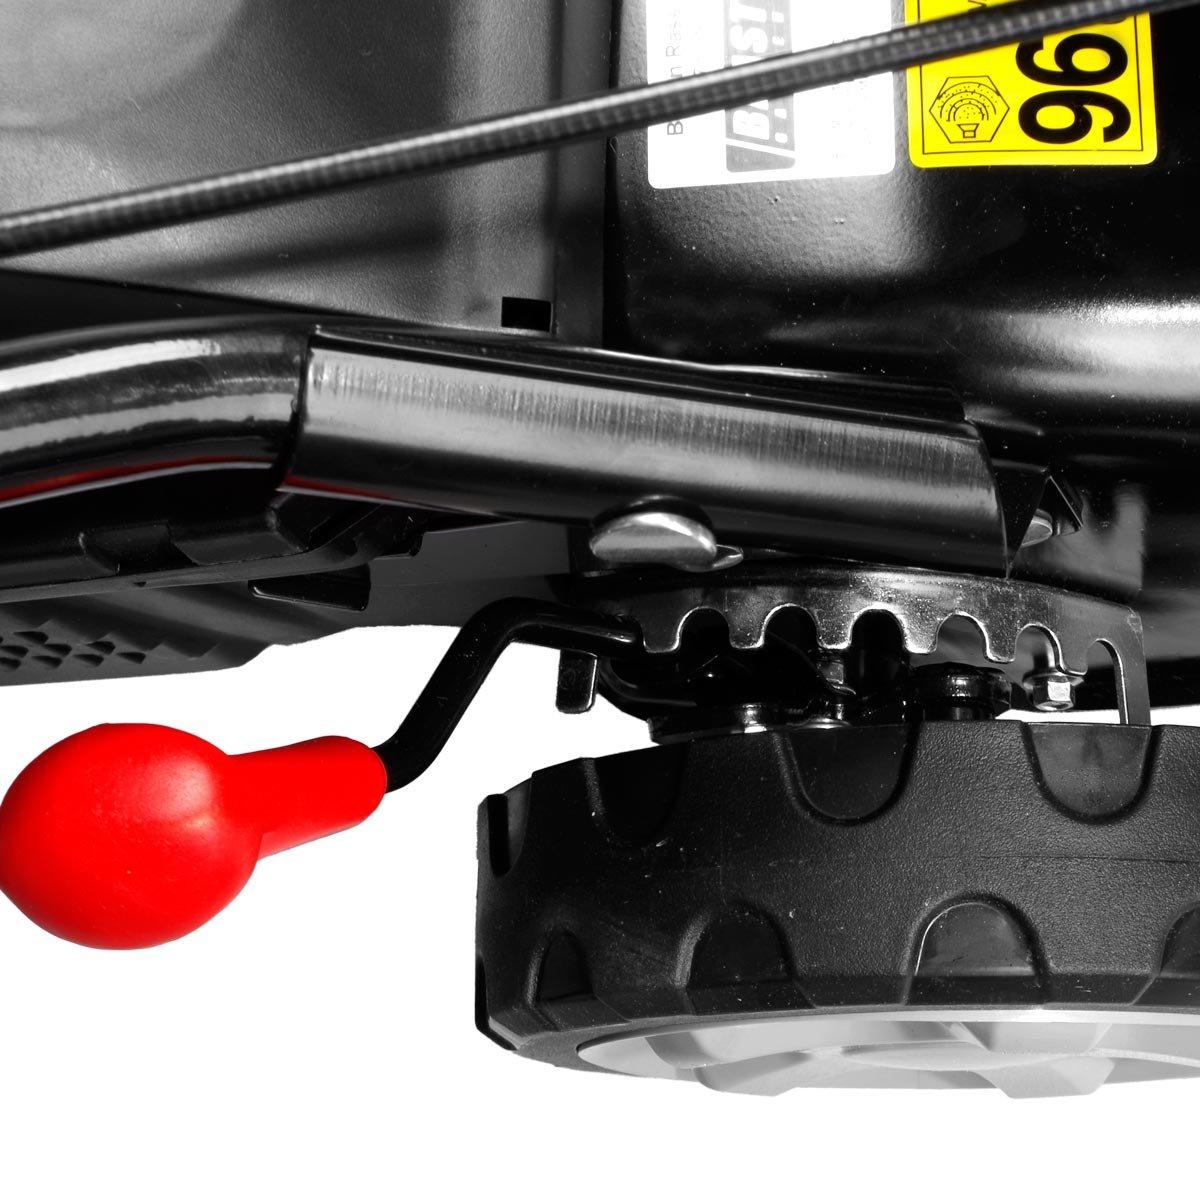 41cm Schnittbreite Stahlgeh/äuse 40L Grasfangkorb Easy Clean 4-Takt Motor-M/äher 3,3PS BRAST Benzin Rasenm/äher 2,4kW